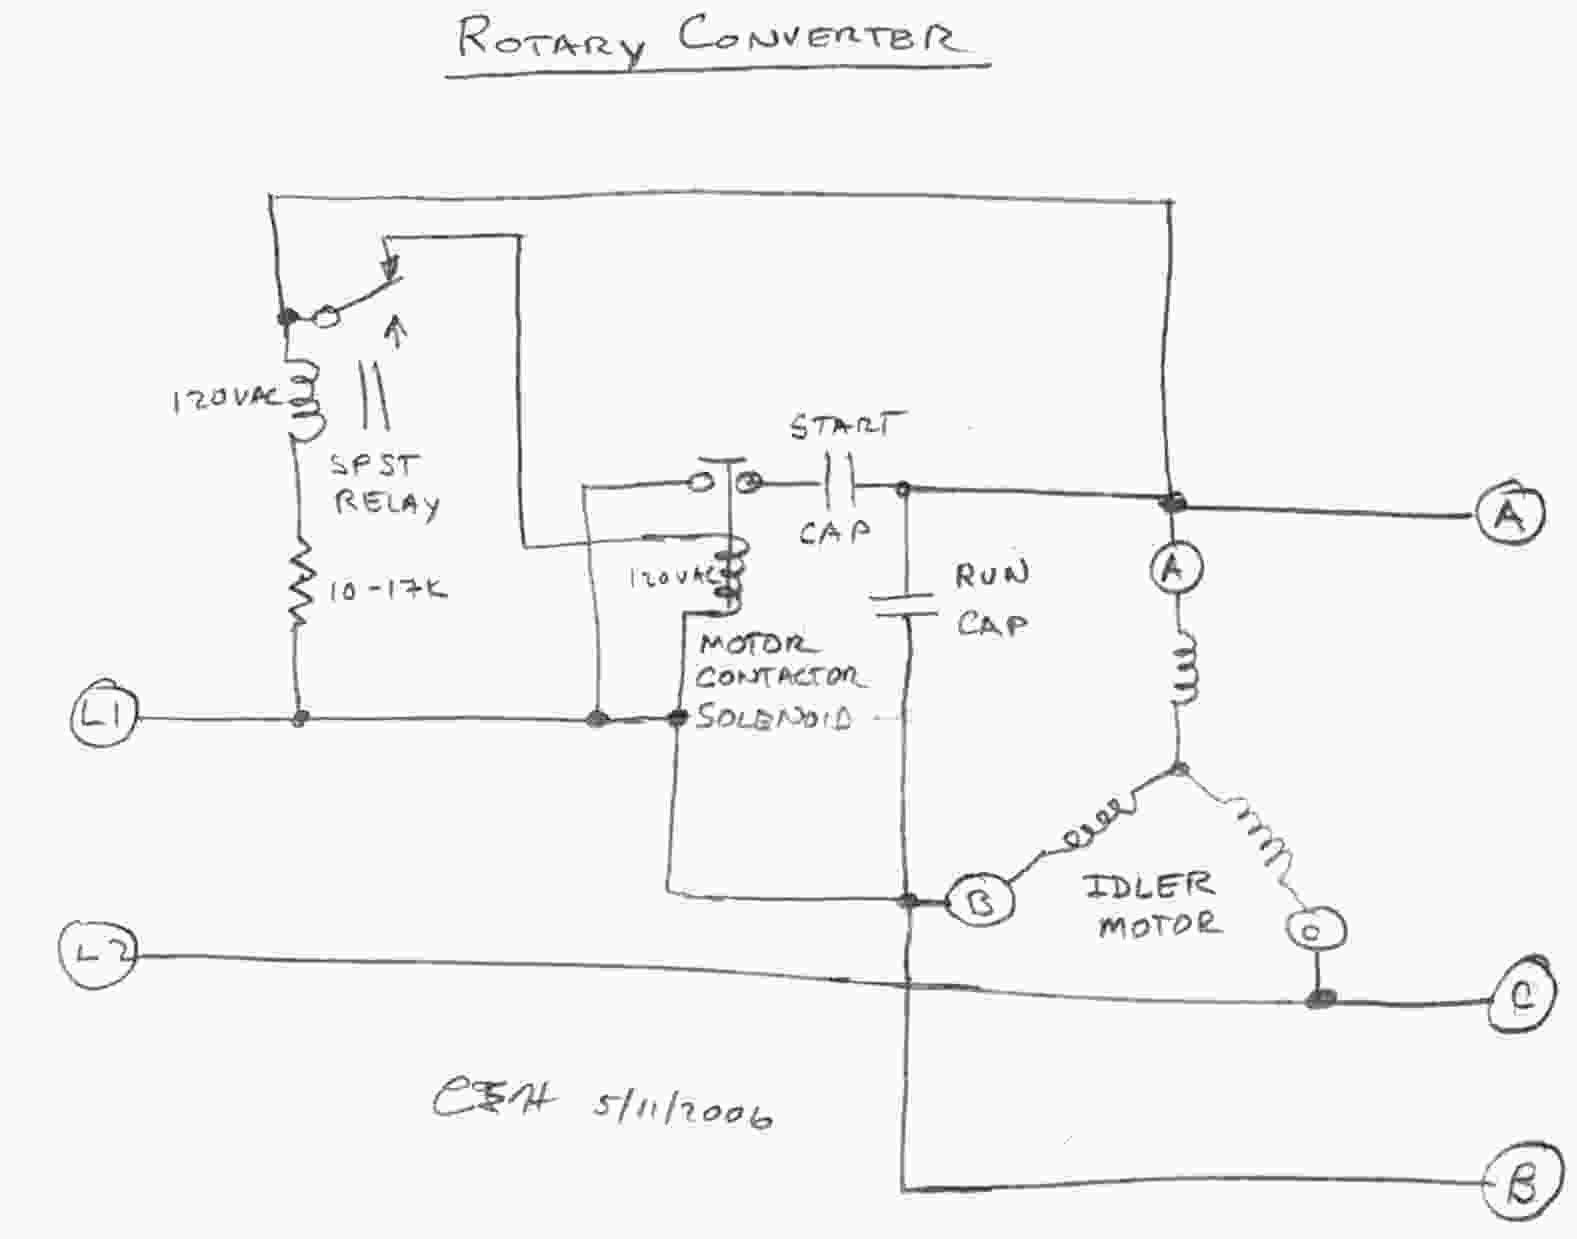 3 phase generator wiring diagram lima wiring diagram sch 3 phase generator wiring diagram lima wiring [ 1577 x 1239 Pixel ]